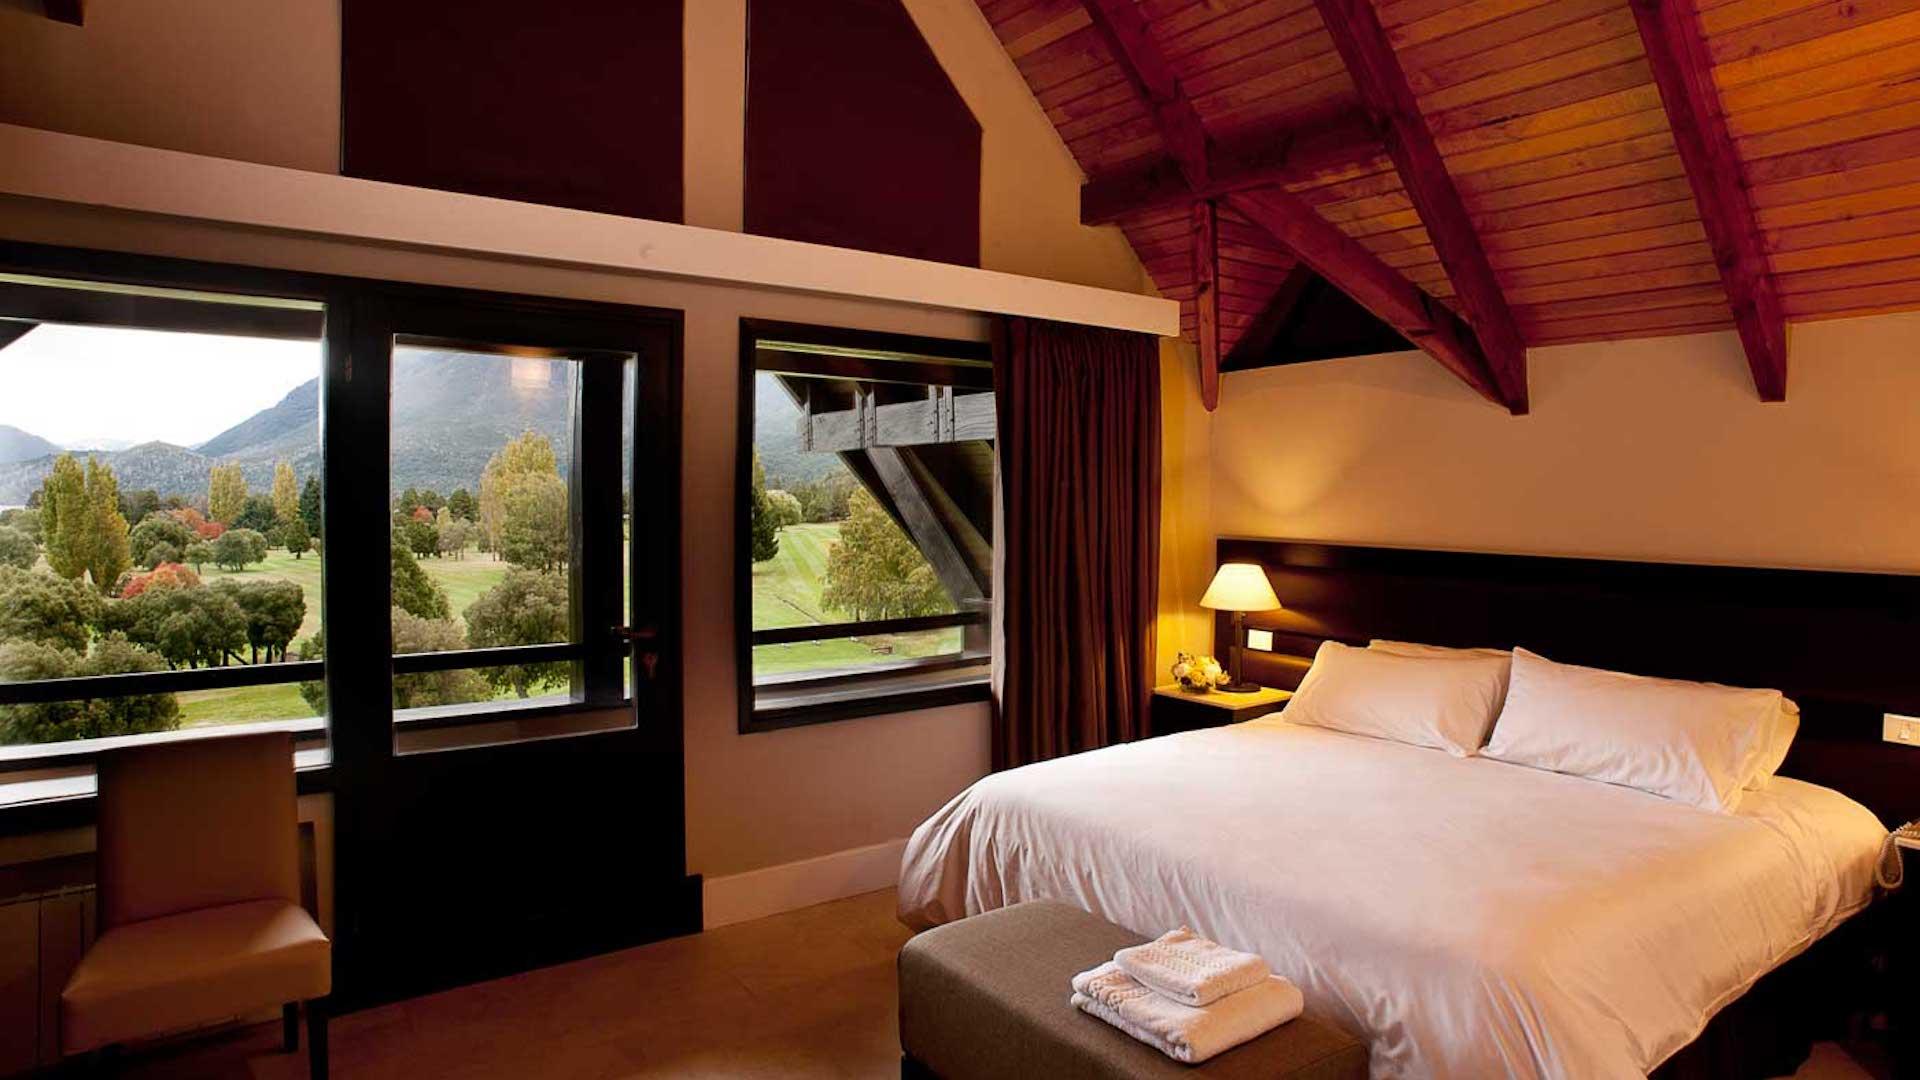 Marriott le pone su sello a dos hoteles de Argentina: uno en Bariloche y el otro en Mendoza | Conocedores.com — Conocedores.com